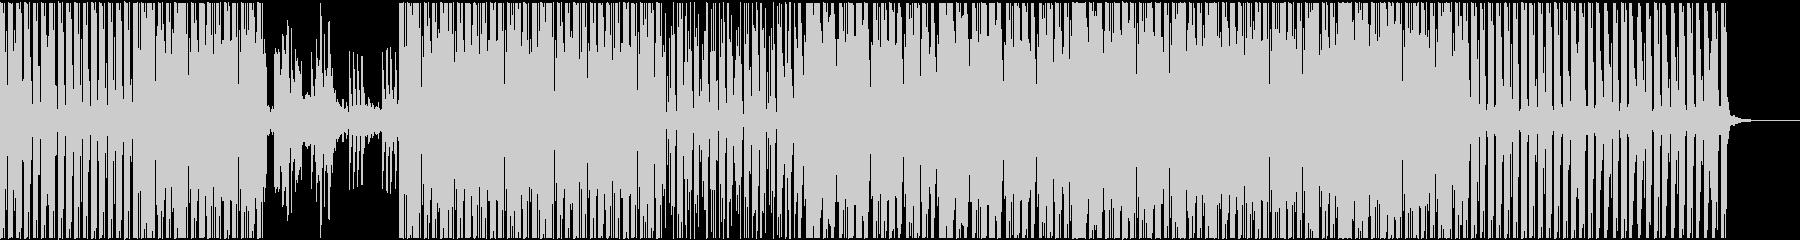 ハウス系BGMの未再生の波形